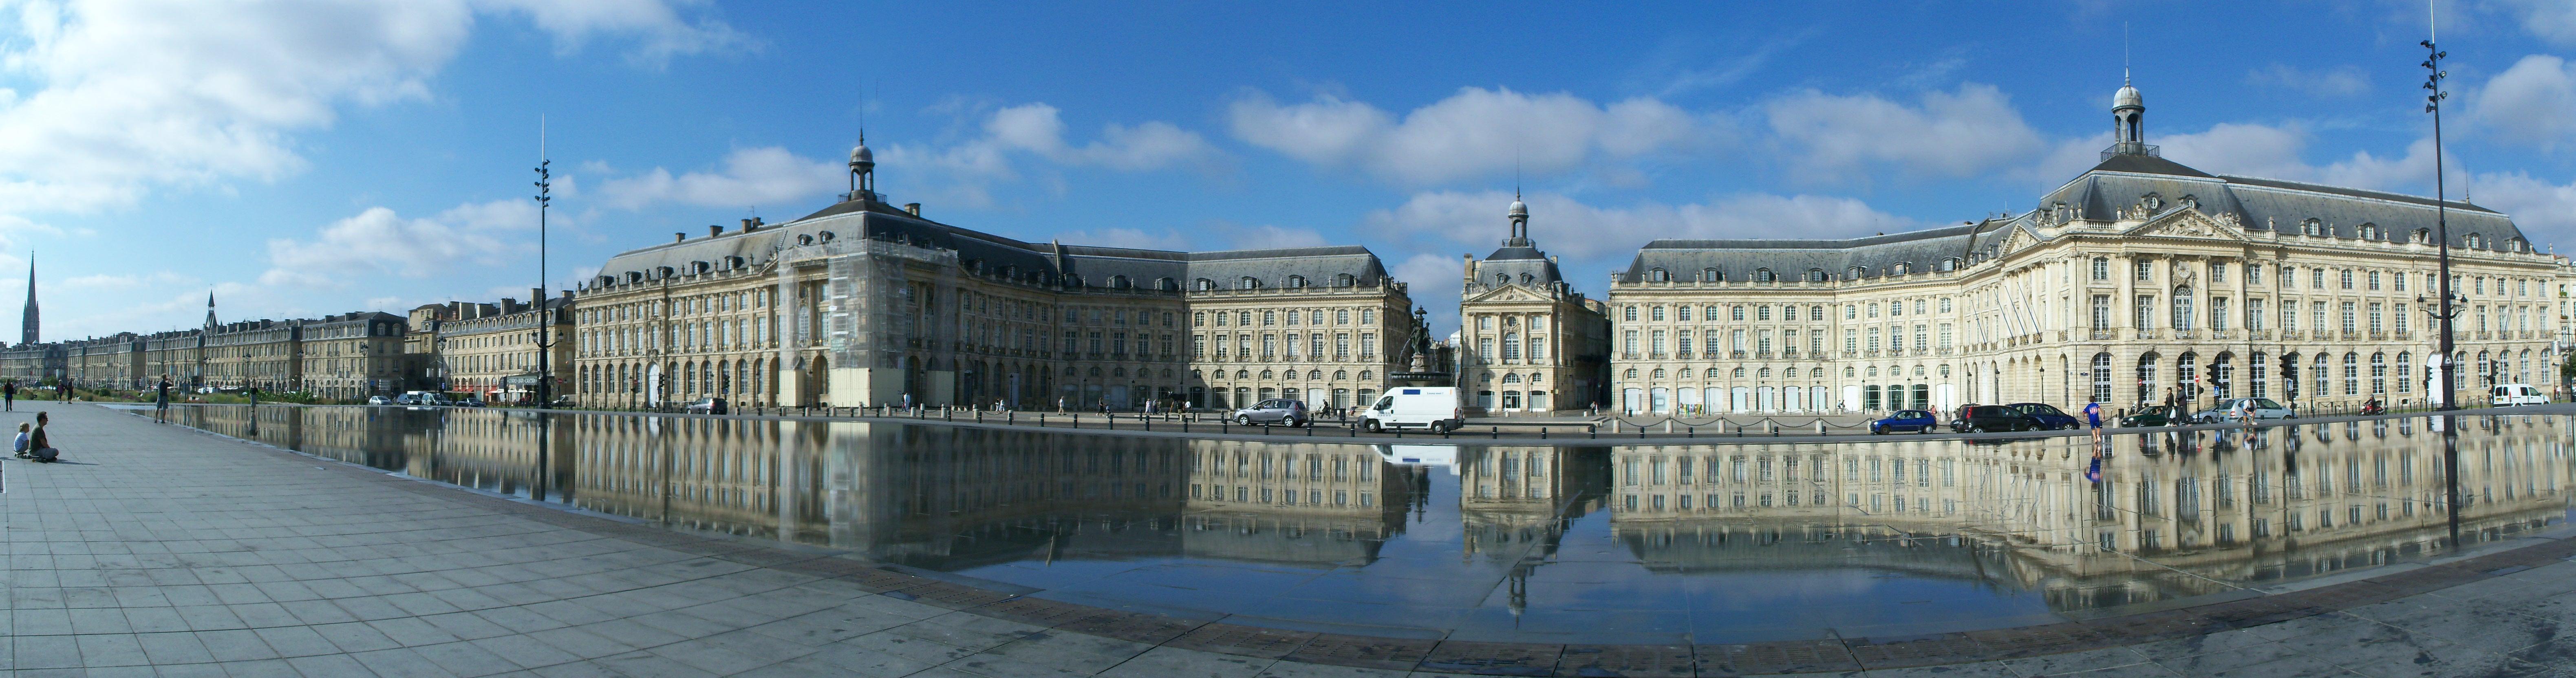 File miroir d 39 eau bordeaux wikimedia commons for Miroir d eau bordeaux